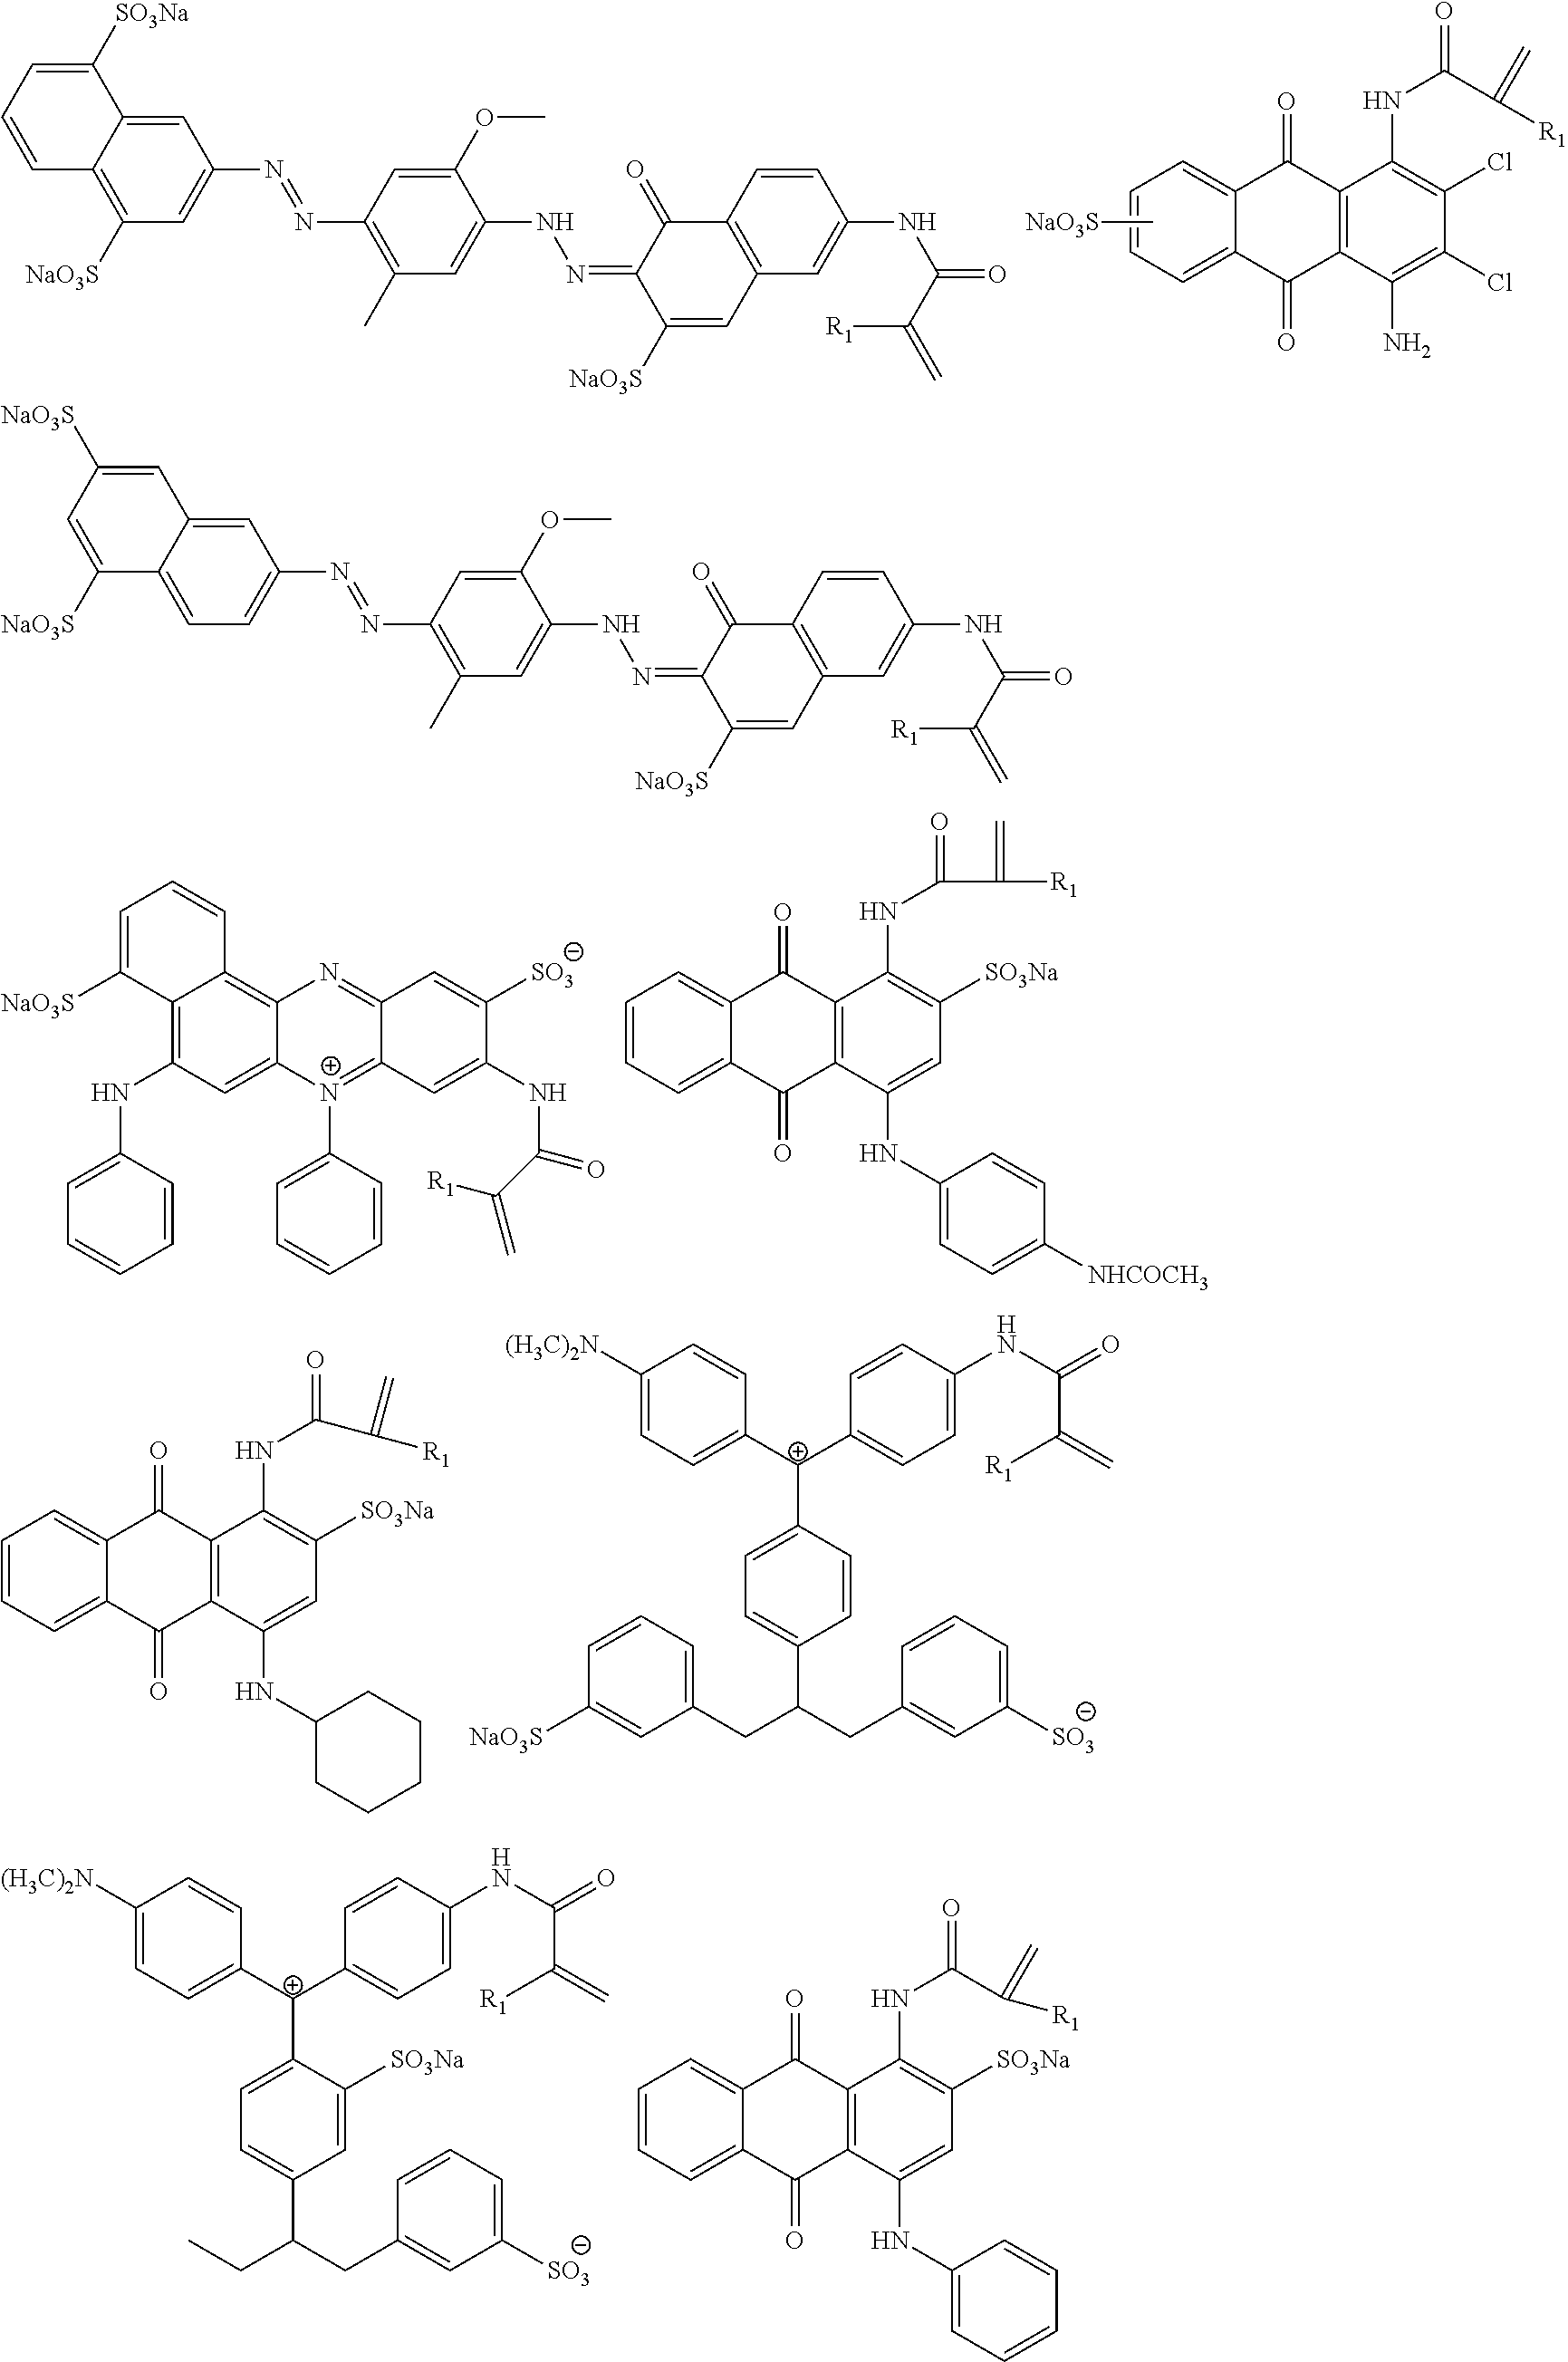 Figure US20120090102A1-20120419-C00003